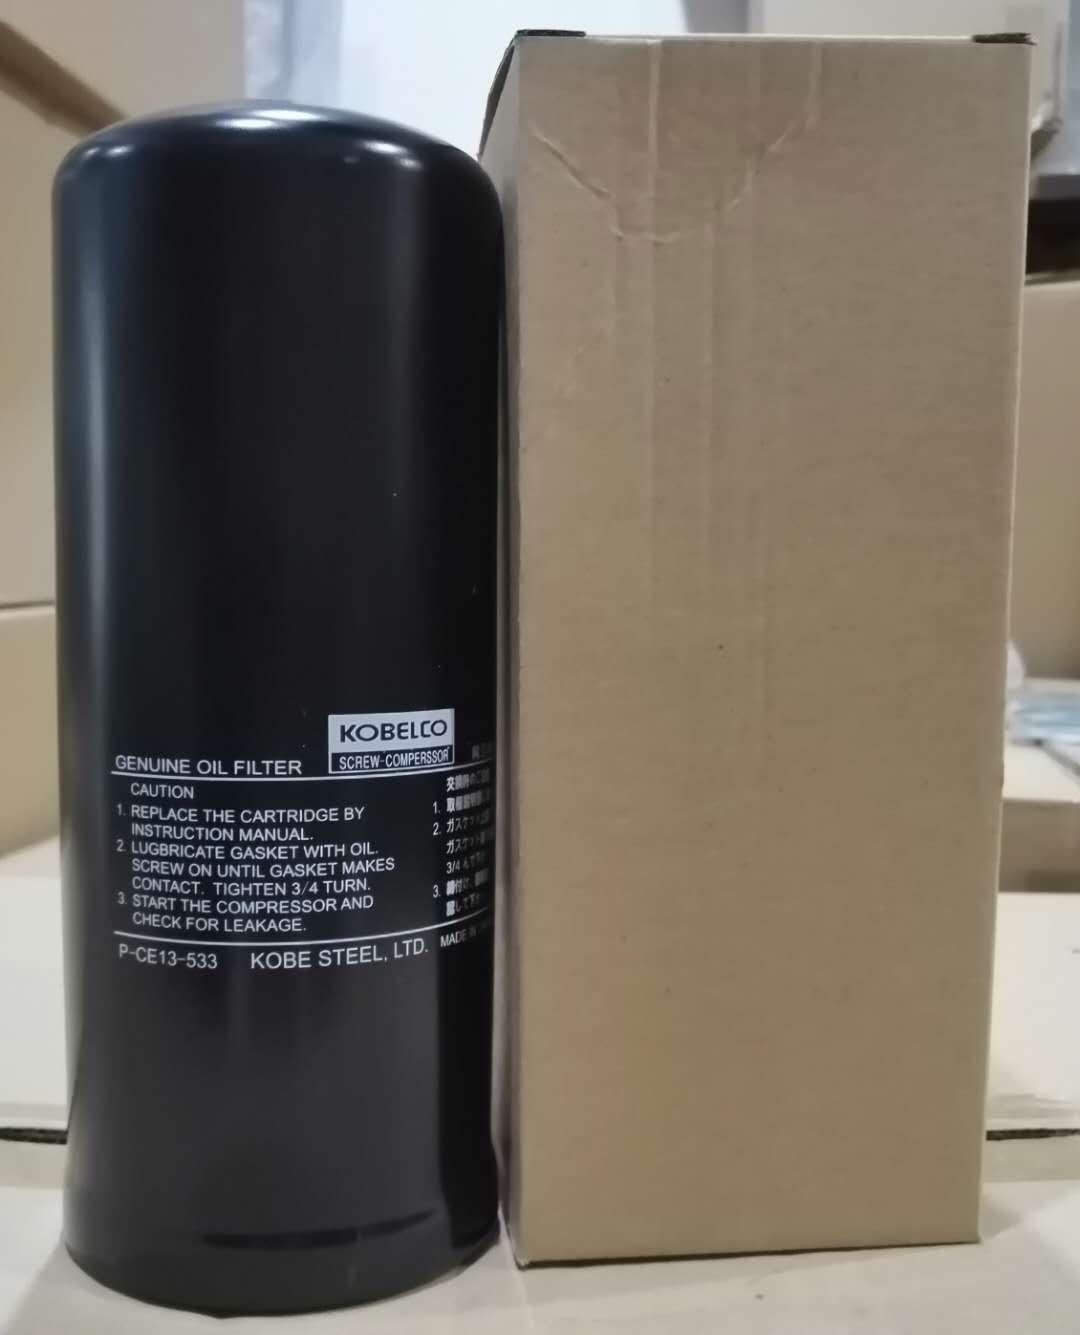 神钢空压机配件P-CE13-533 1